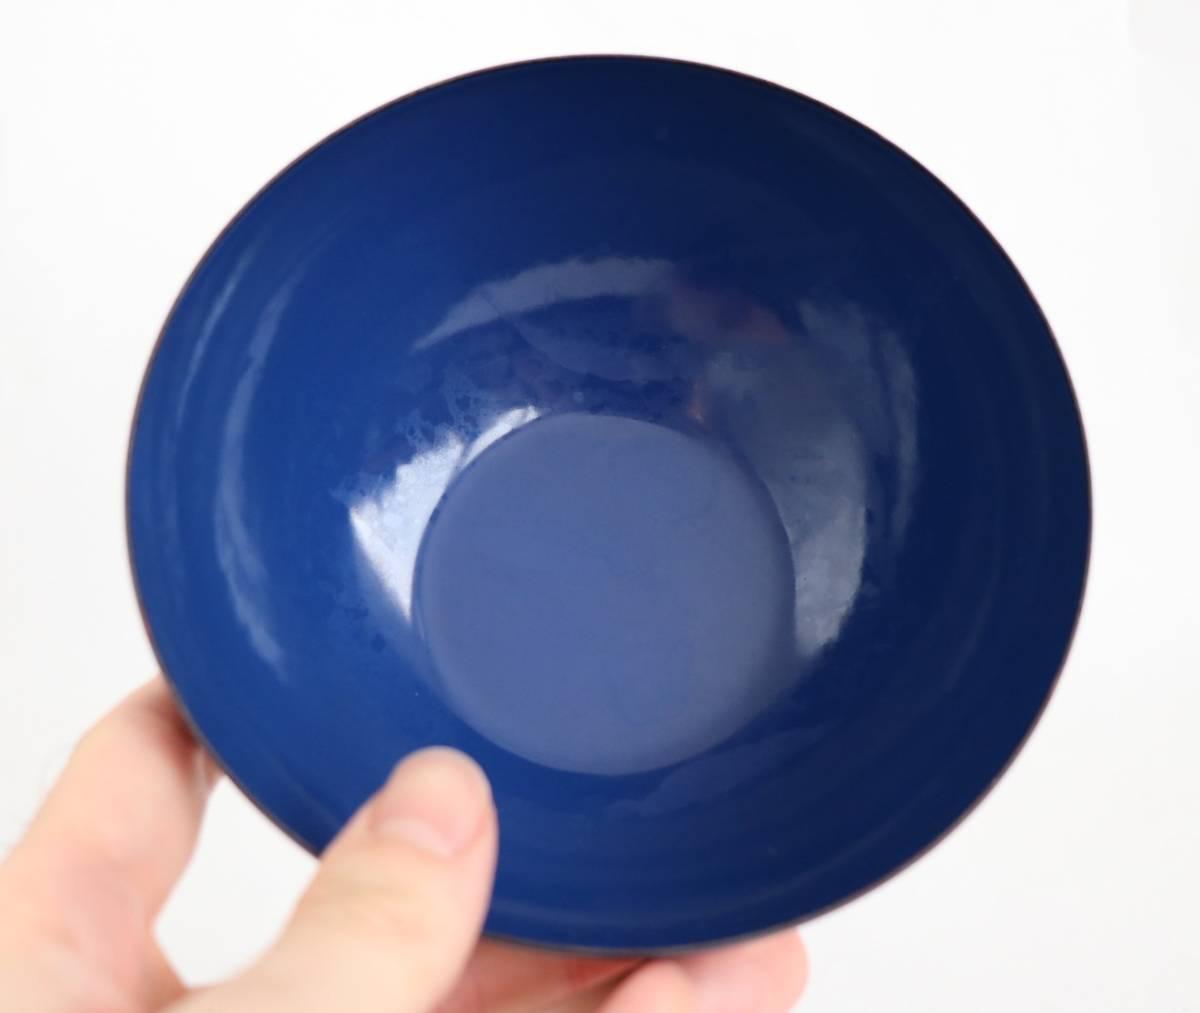 キャサリンホルム 青色 ボウル 14cm_画像3